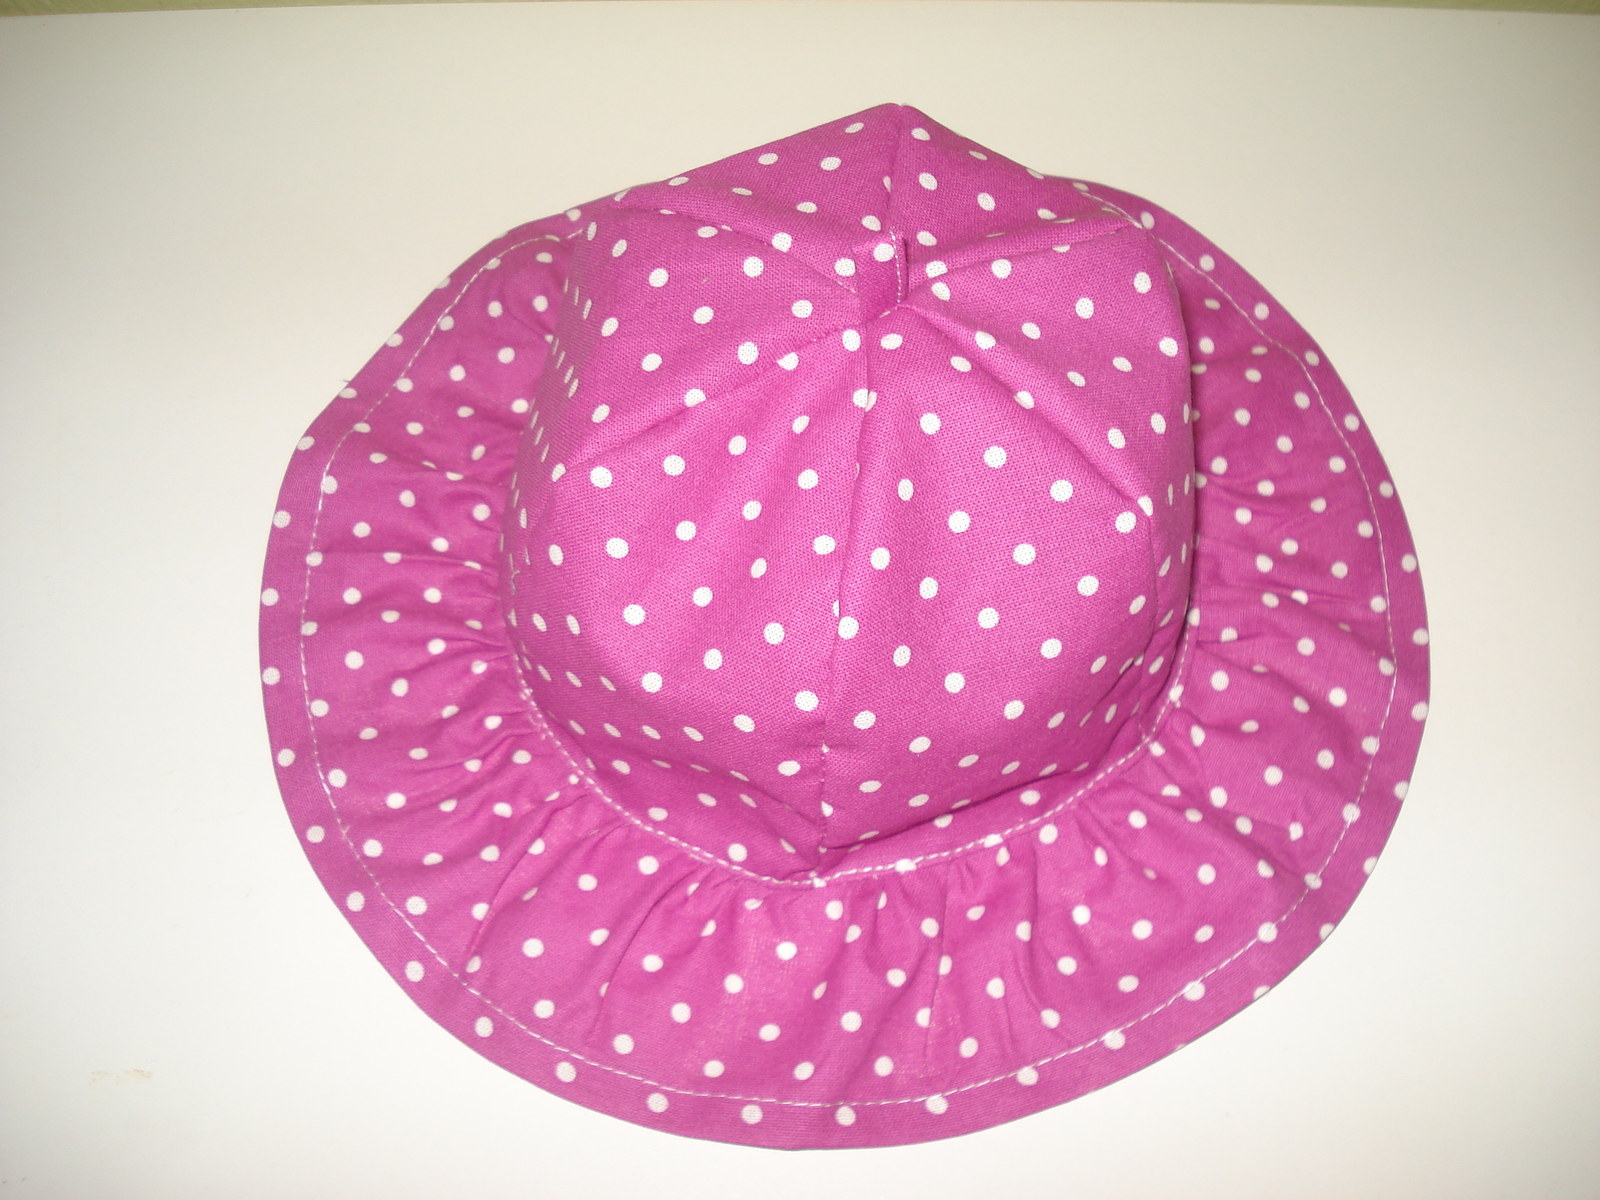 dětský klobouček-puntík   Zboží prodejce Jamana  13b71b815d